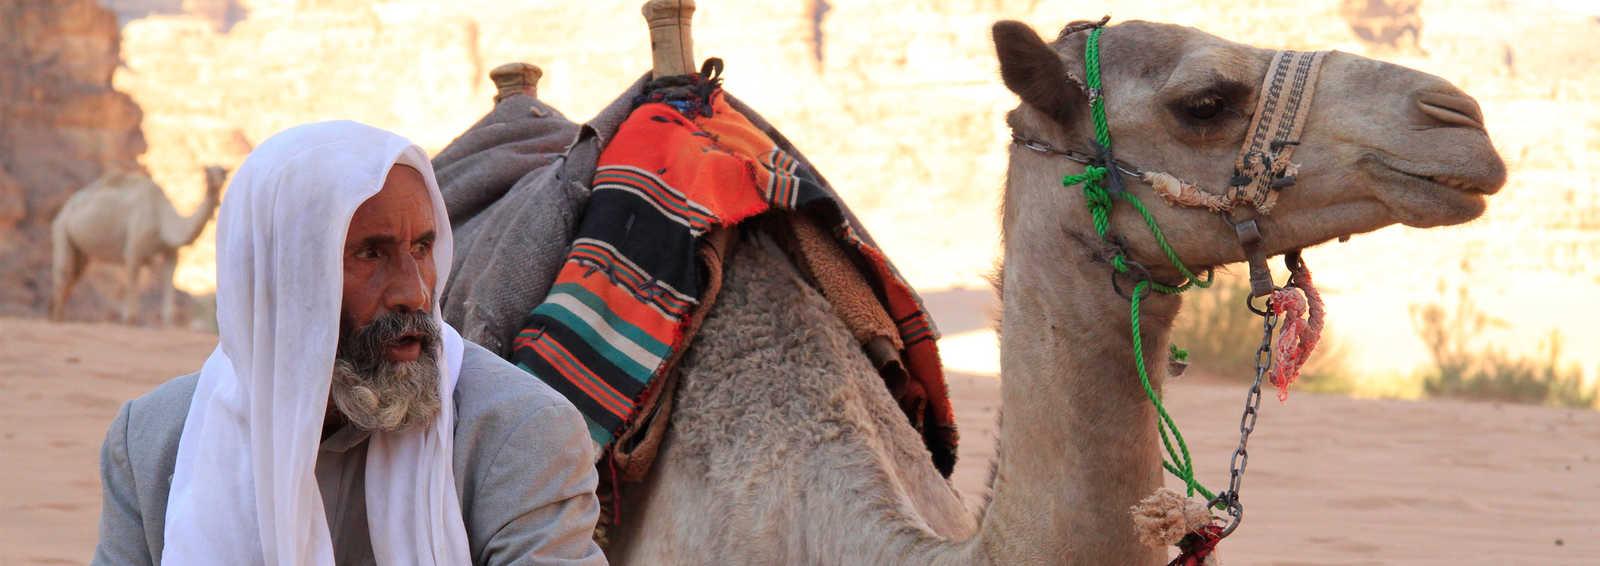 Bedouin at Wadi Rum, Jordan, Middle East